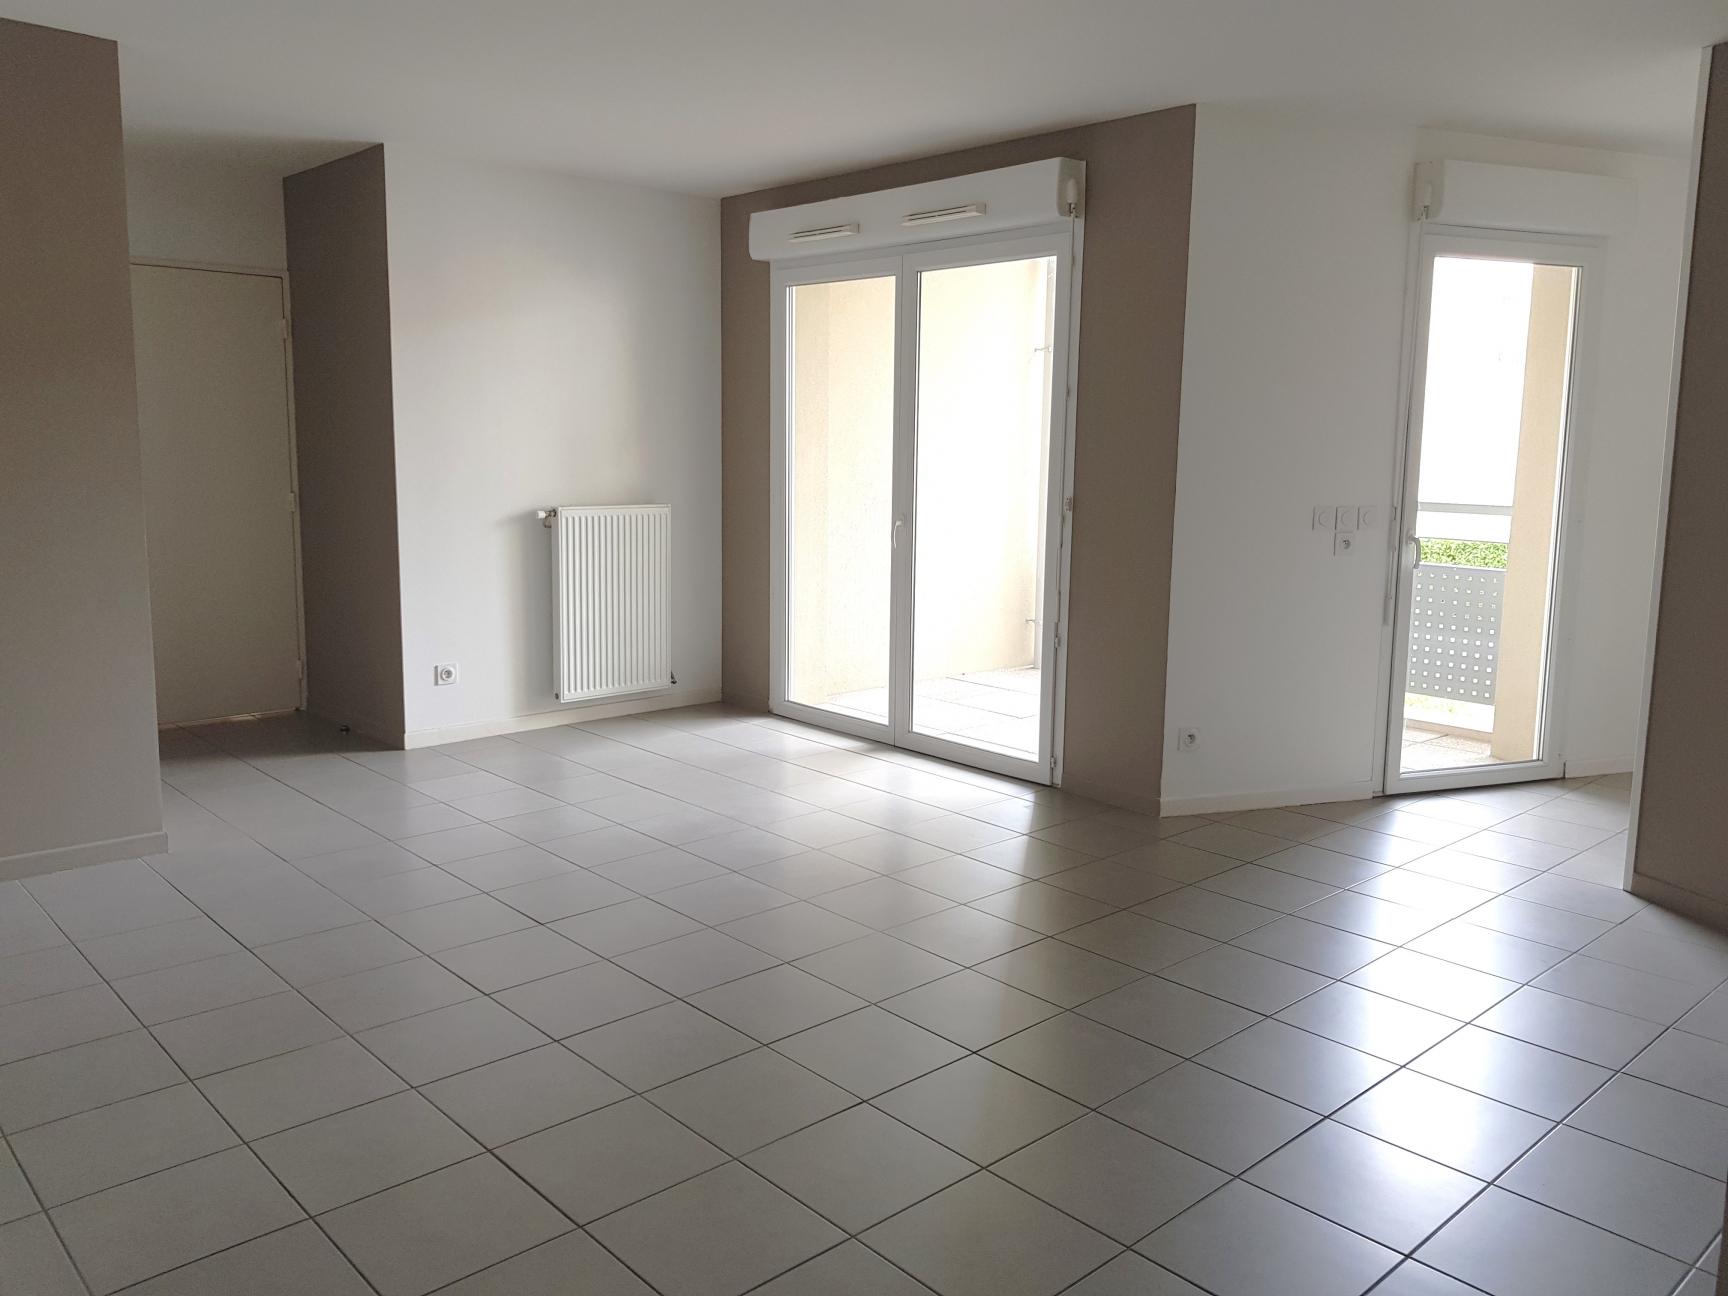 Photos de Appartement à Décines-Charpieu (69150)